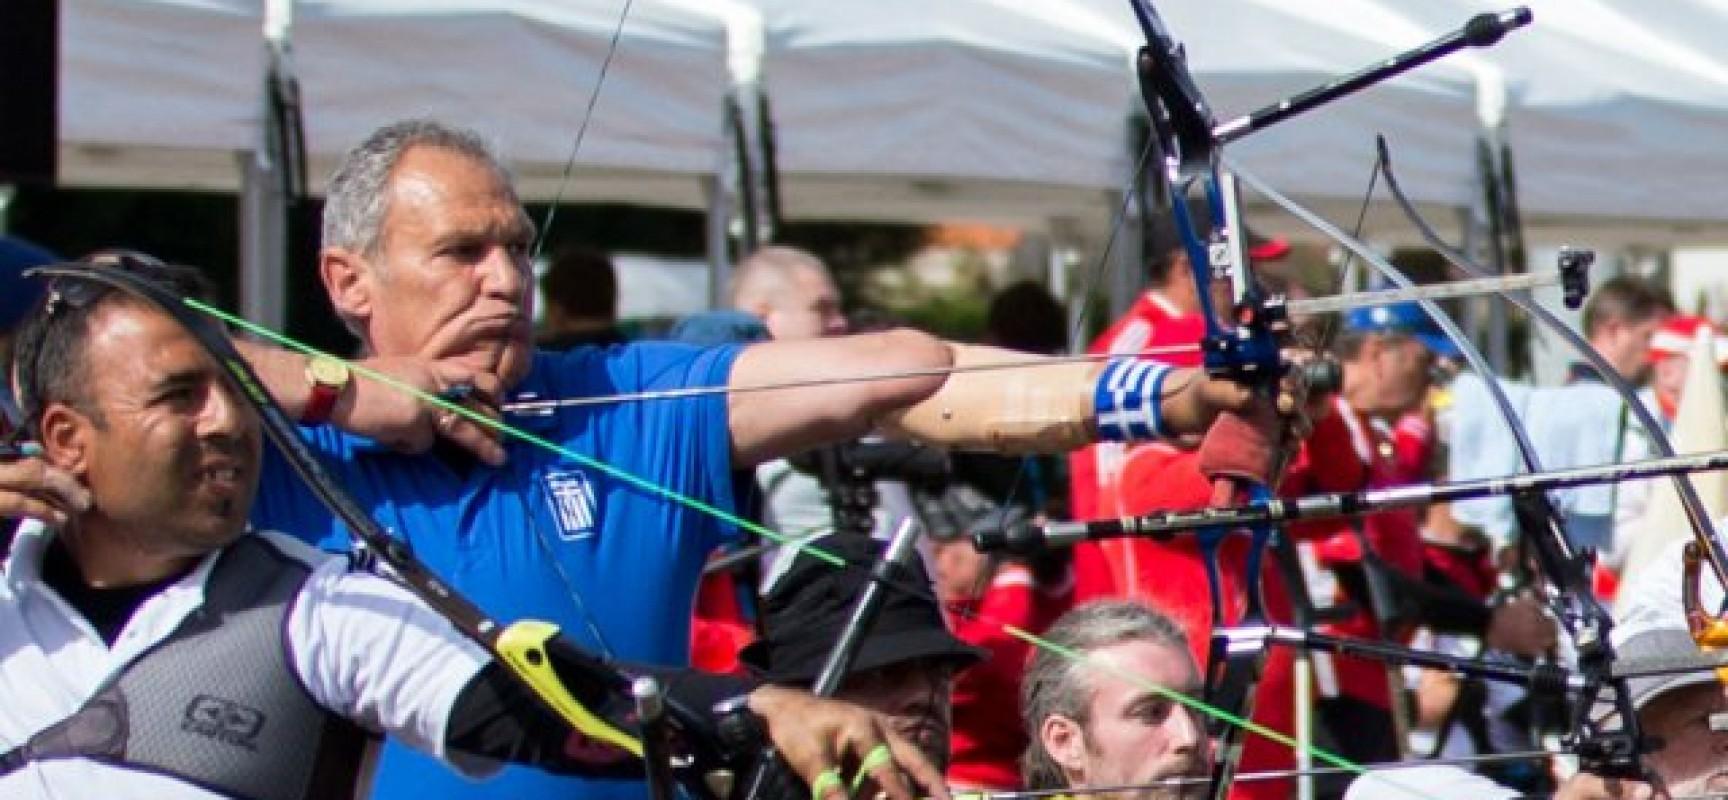 Το Παραολυμπιακό όριο στο Recurve Open «έπιασε» ο Ρουμελιώτης στο Ευρωπαϊκό Πρωτάθλημα της Γαλλίας